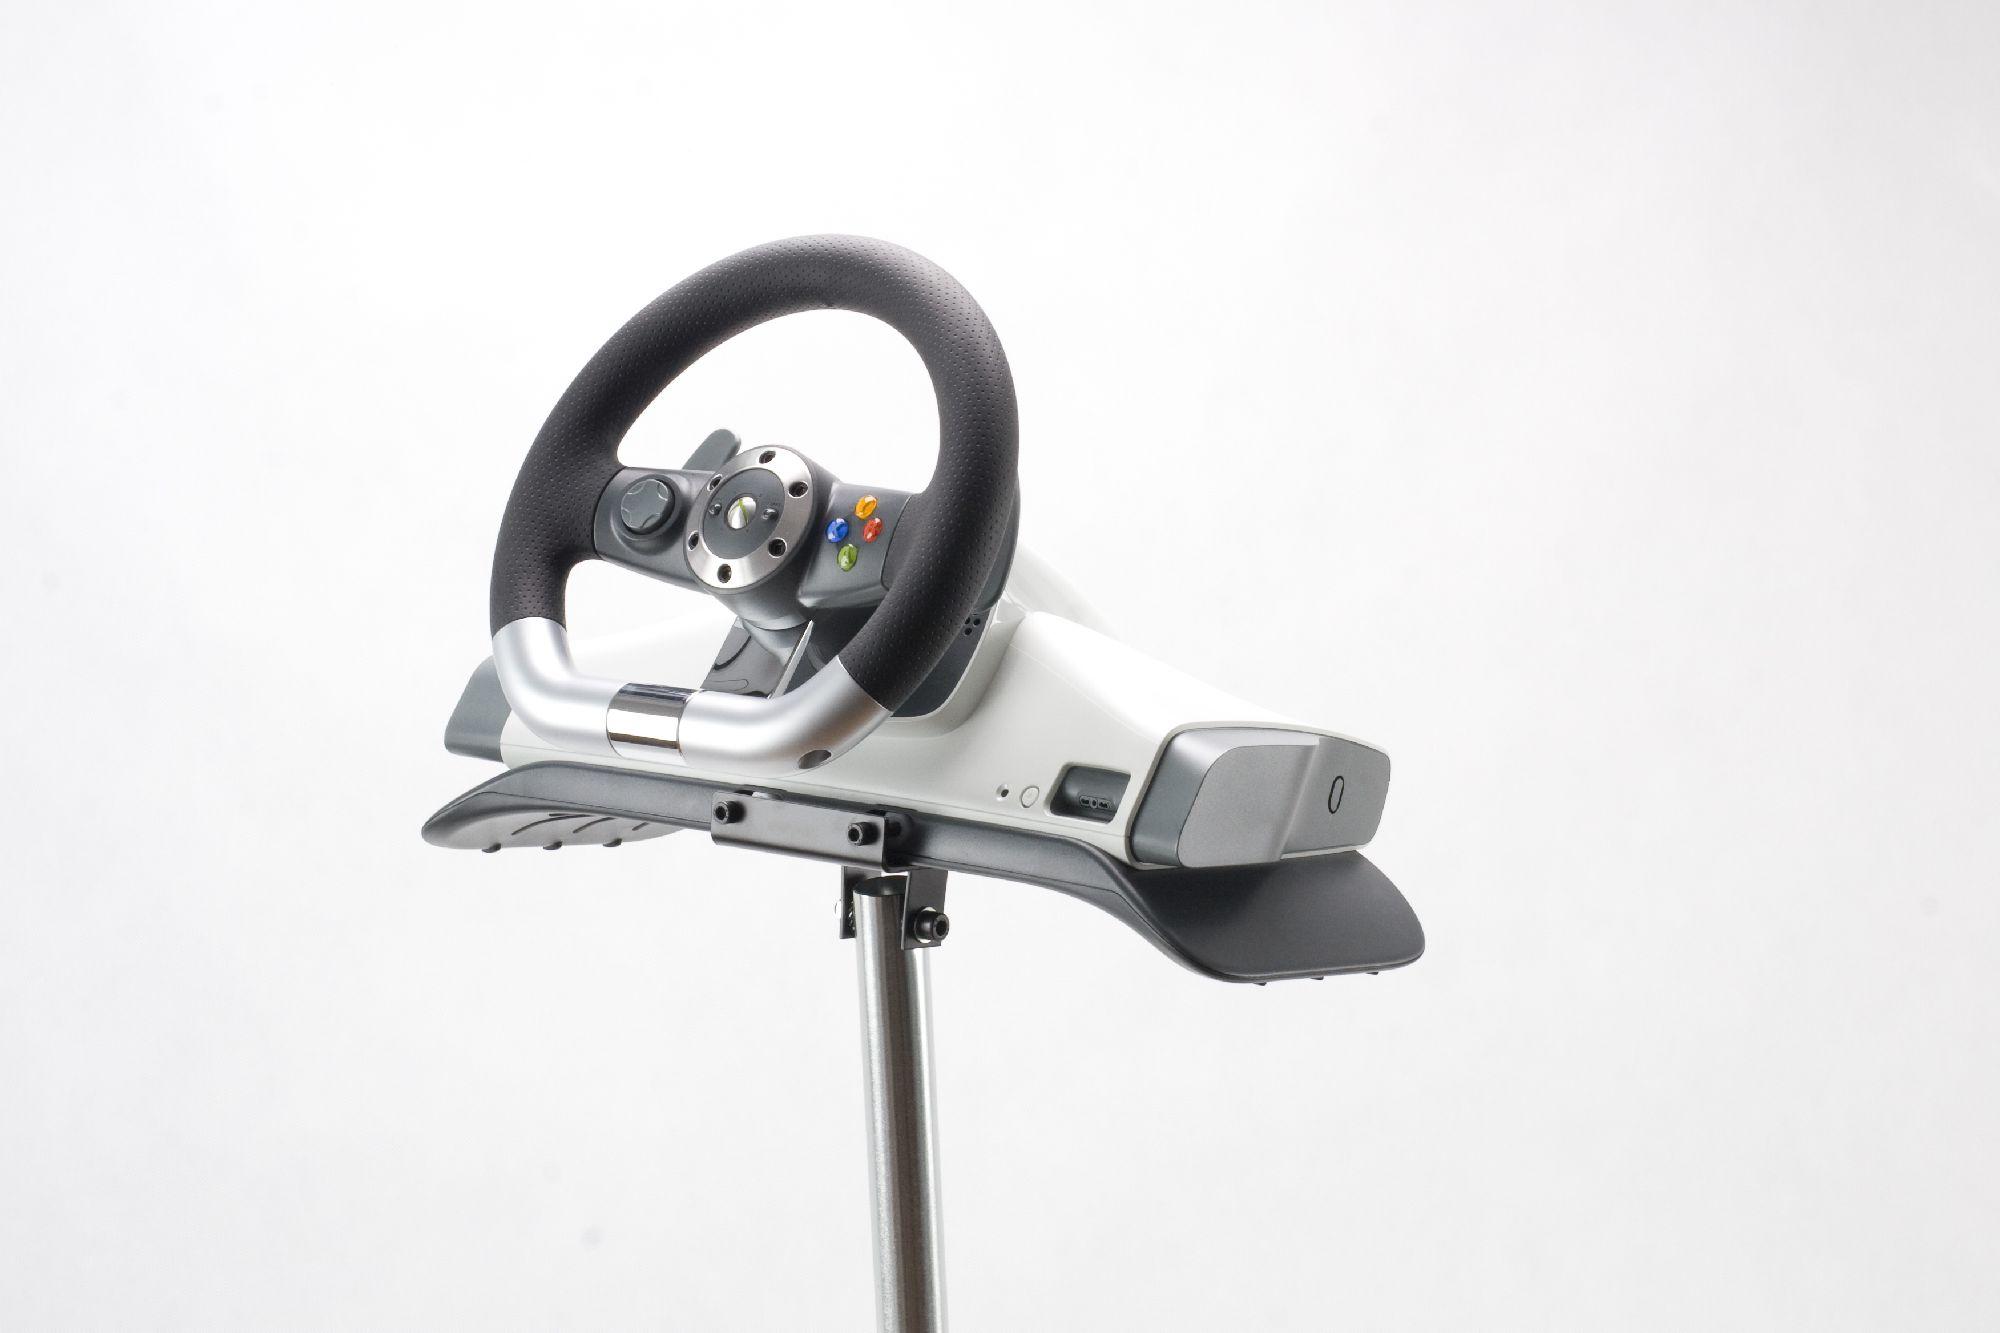 Microsoft Wheel Stand Pro Zestaw Montazowy for kierownicy Microsoft Xbox 360 (WSP-ZM-MSXBOX360) spēļu aksesuārs